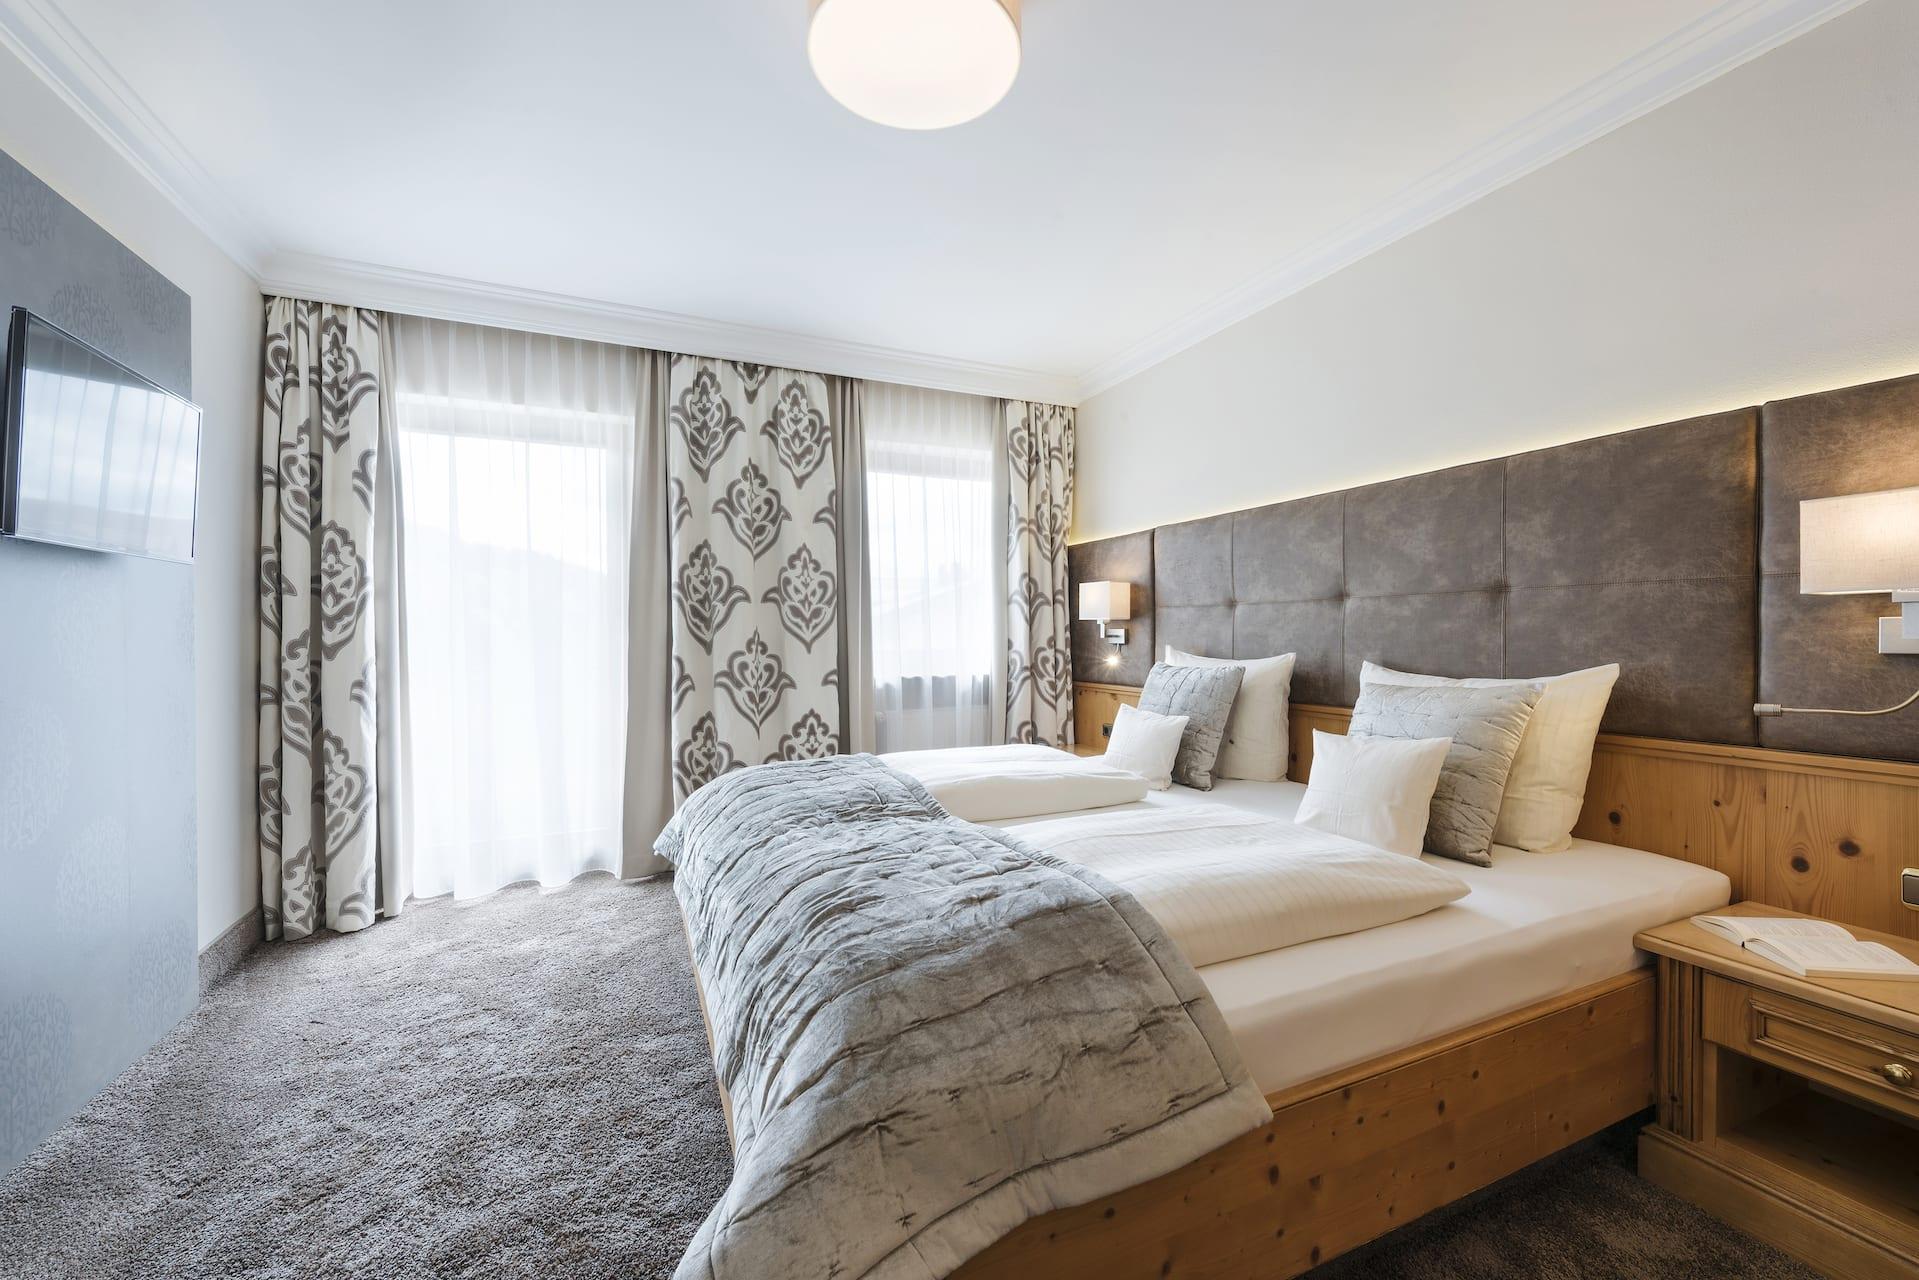 juniorsuite - hotel mooshof bodenmais wellnesshotel bayerischer, Schlafzimmer entwurf